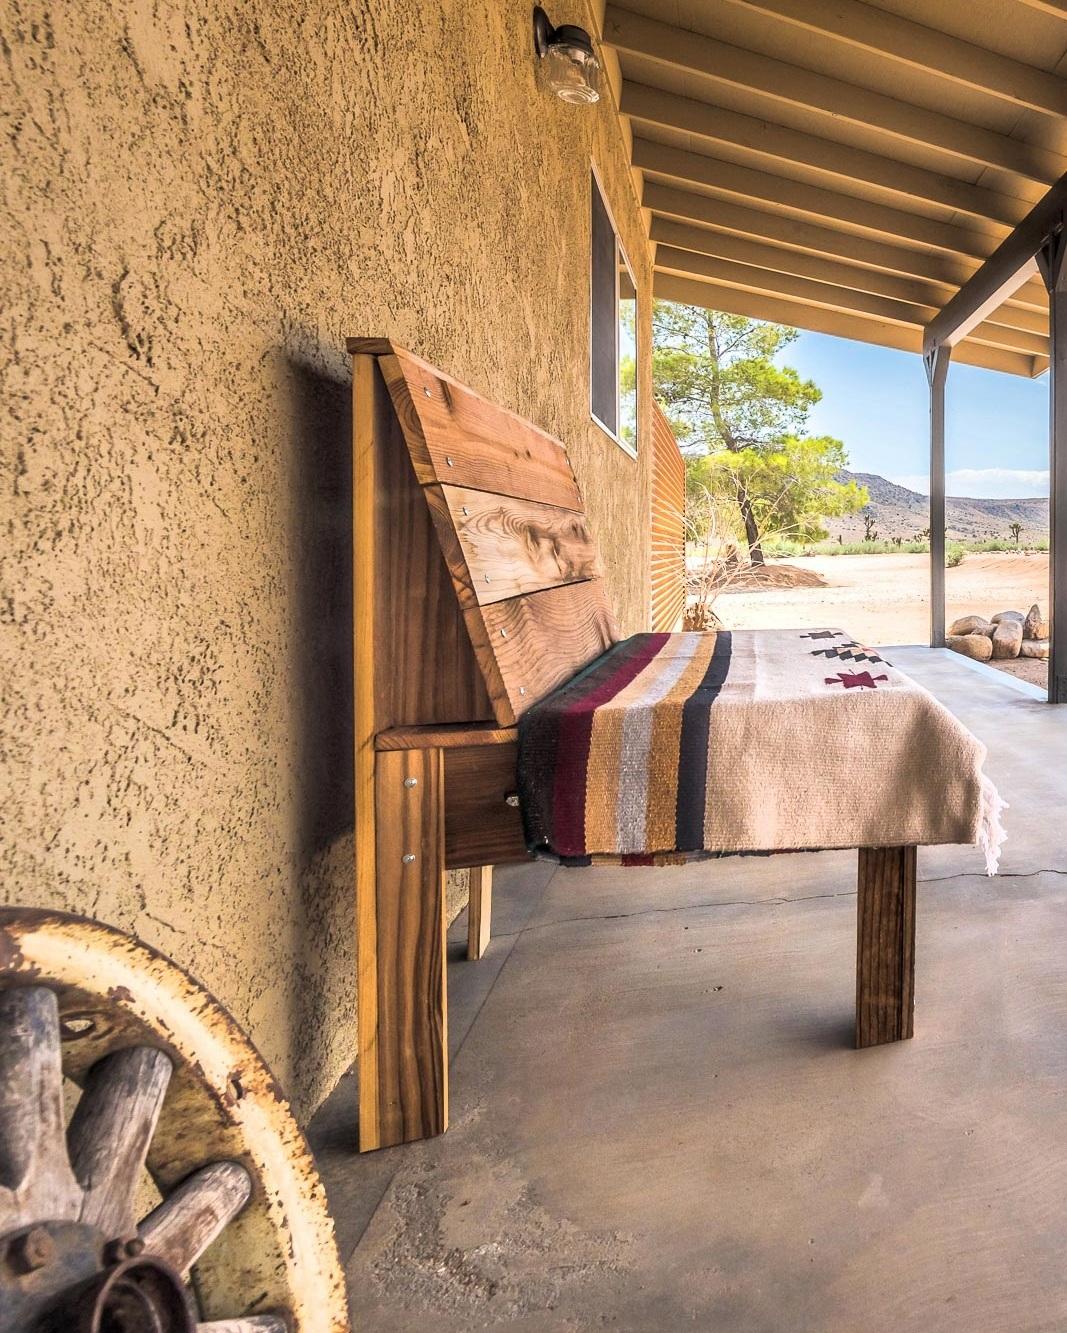 Jackrabbit Rest Pioneertown Rental High Desert